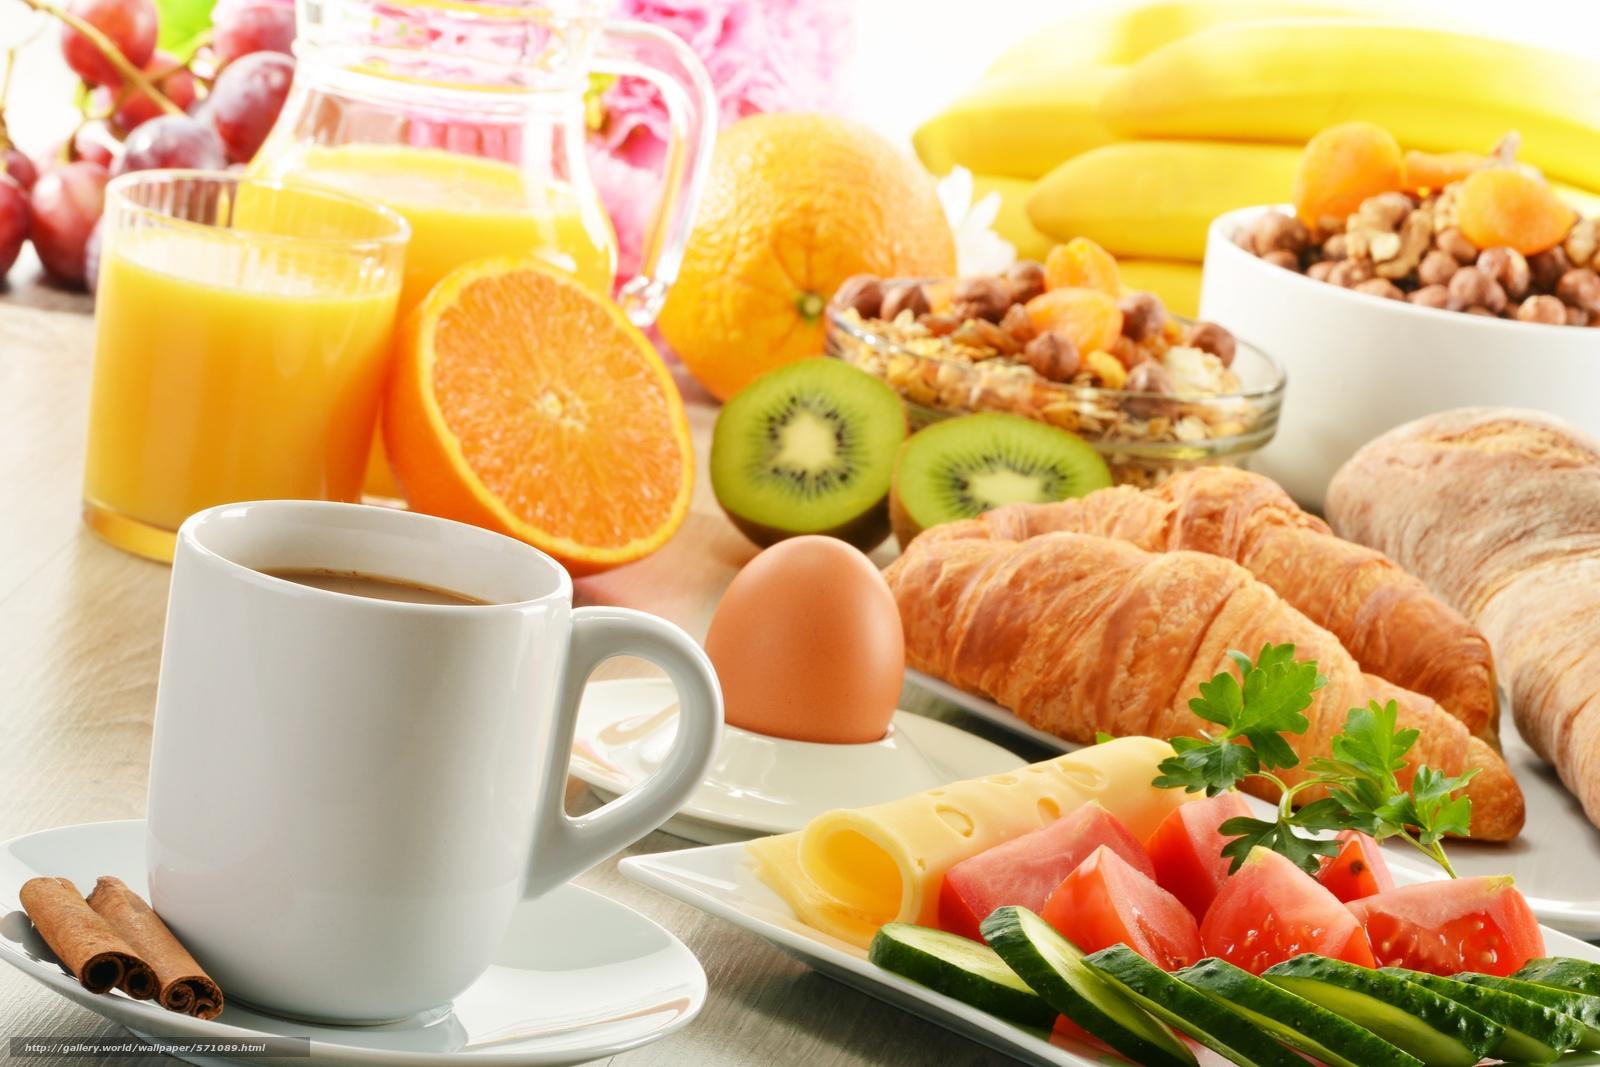 Tlcharger Fond d'ecran café, fruit, fromage, nourriture Fonds d'ecran ...